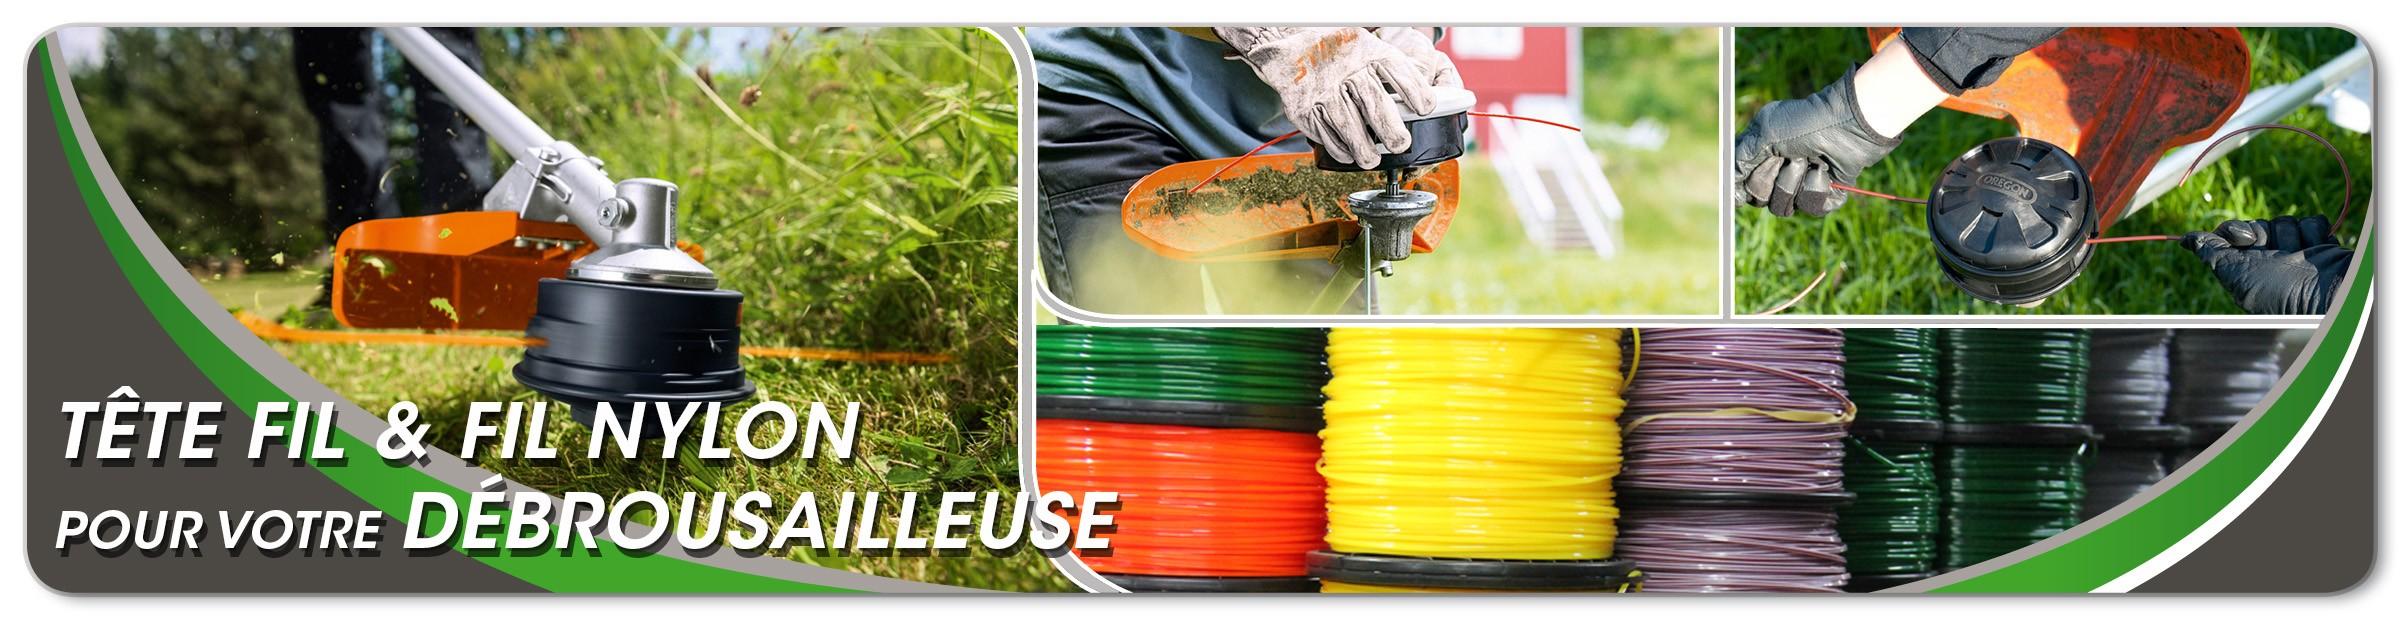 Tête fil & fil nylon pour votre débrouissailleuse